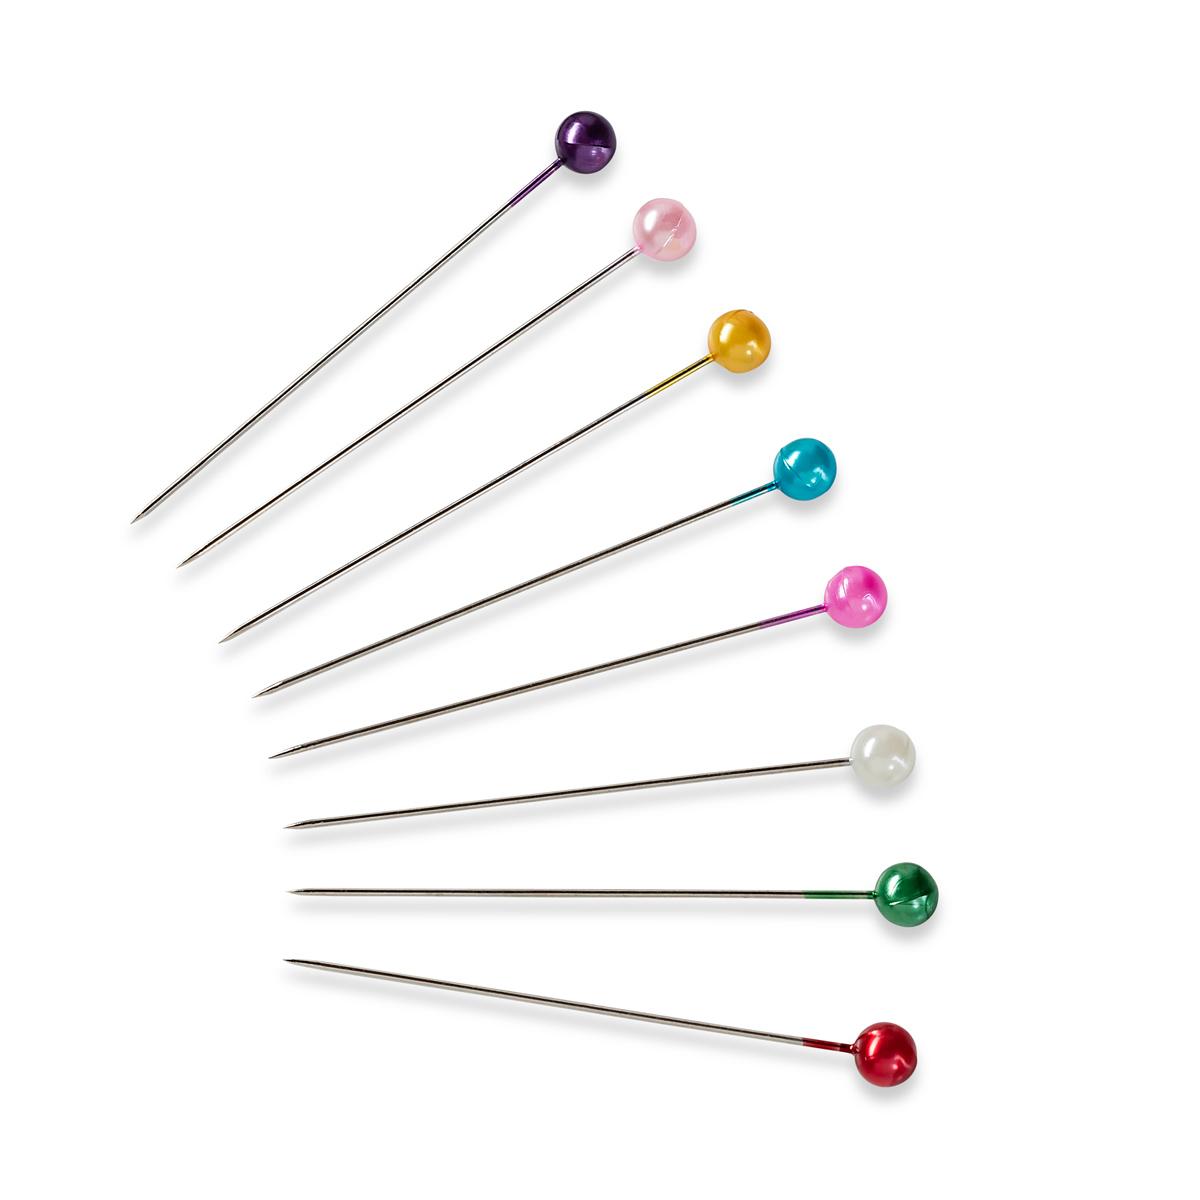 028625 Булавки с жемчужной головкой, разноцветные 0,58*40мм, 10g, Prym